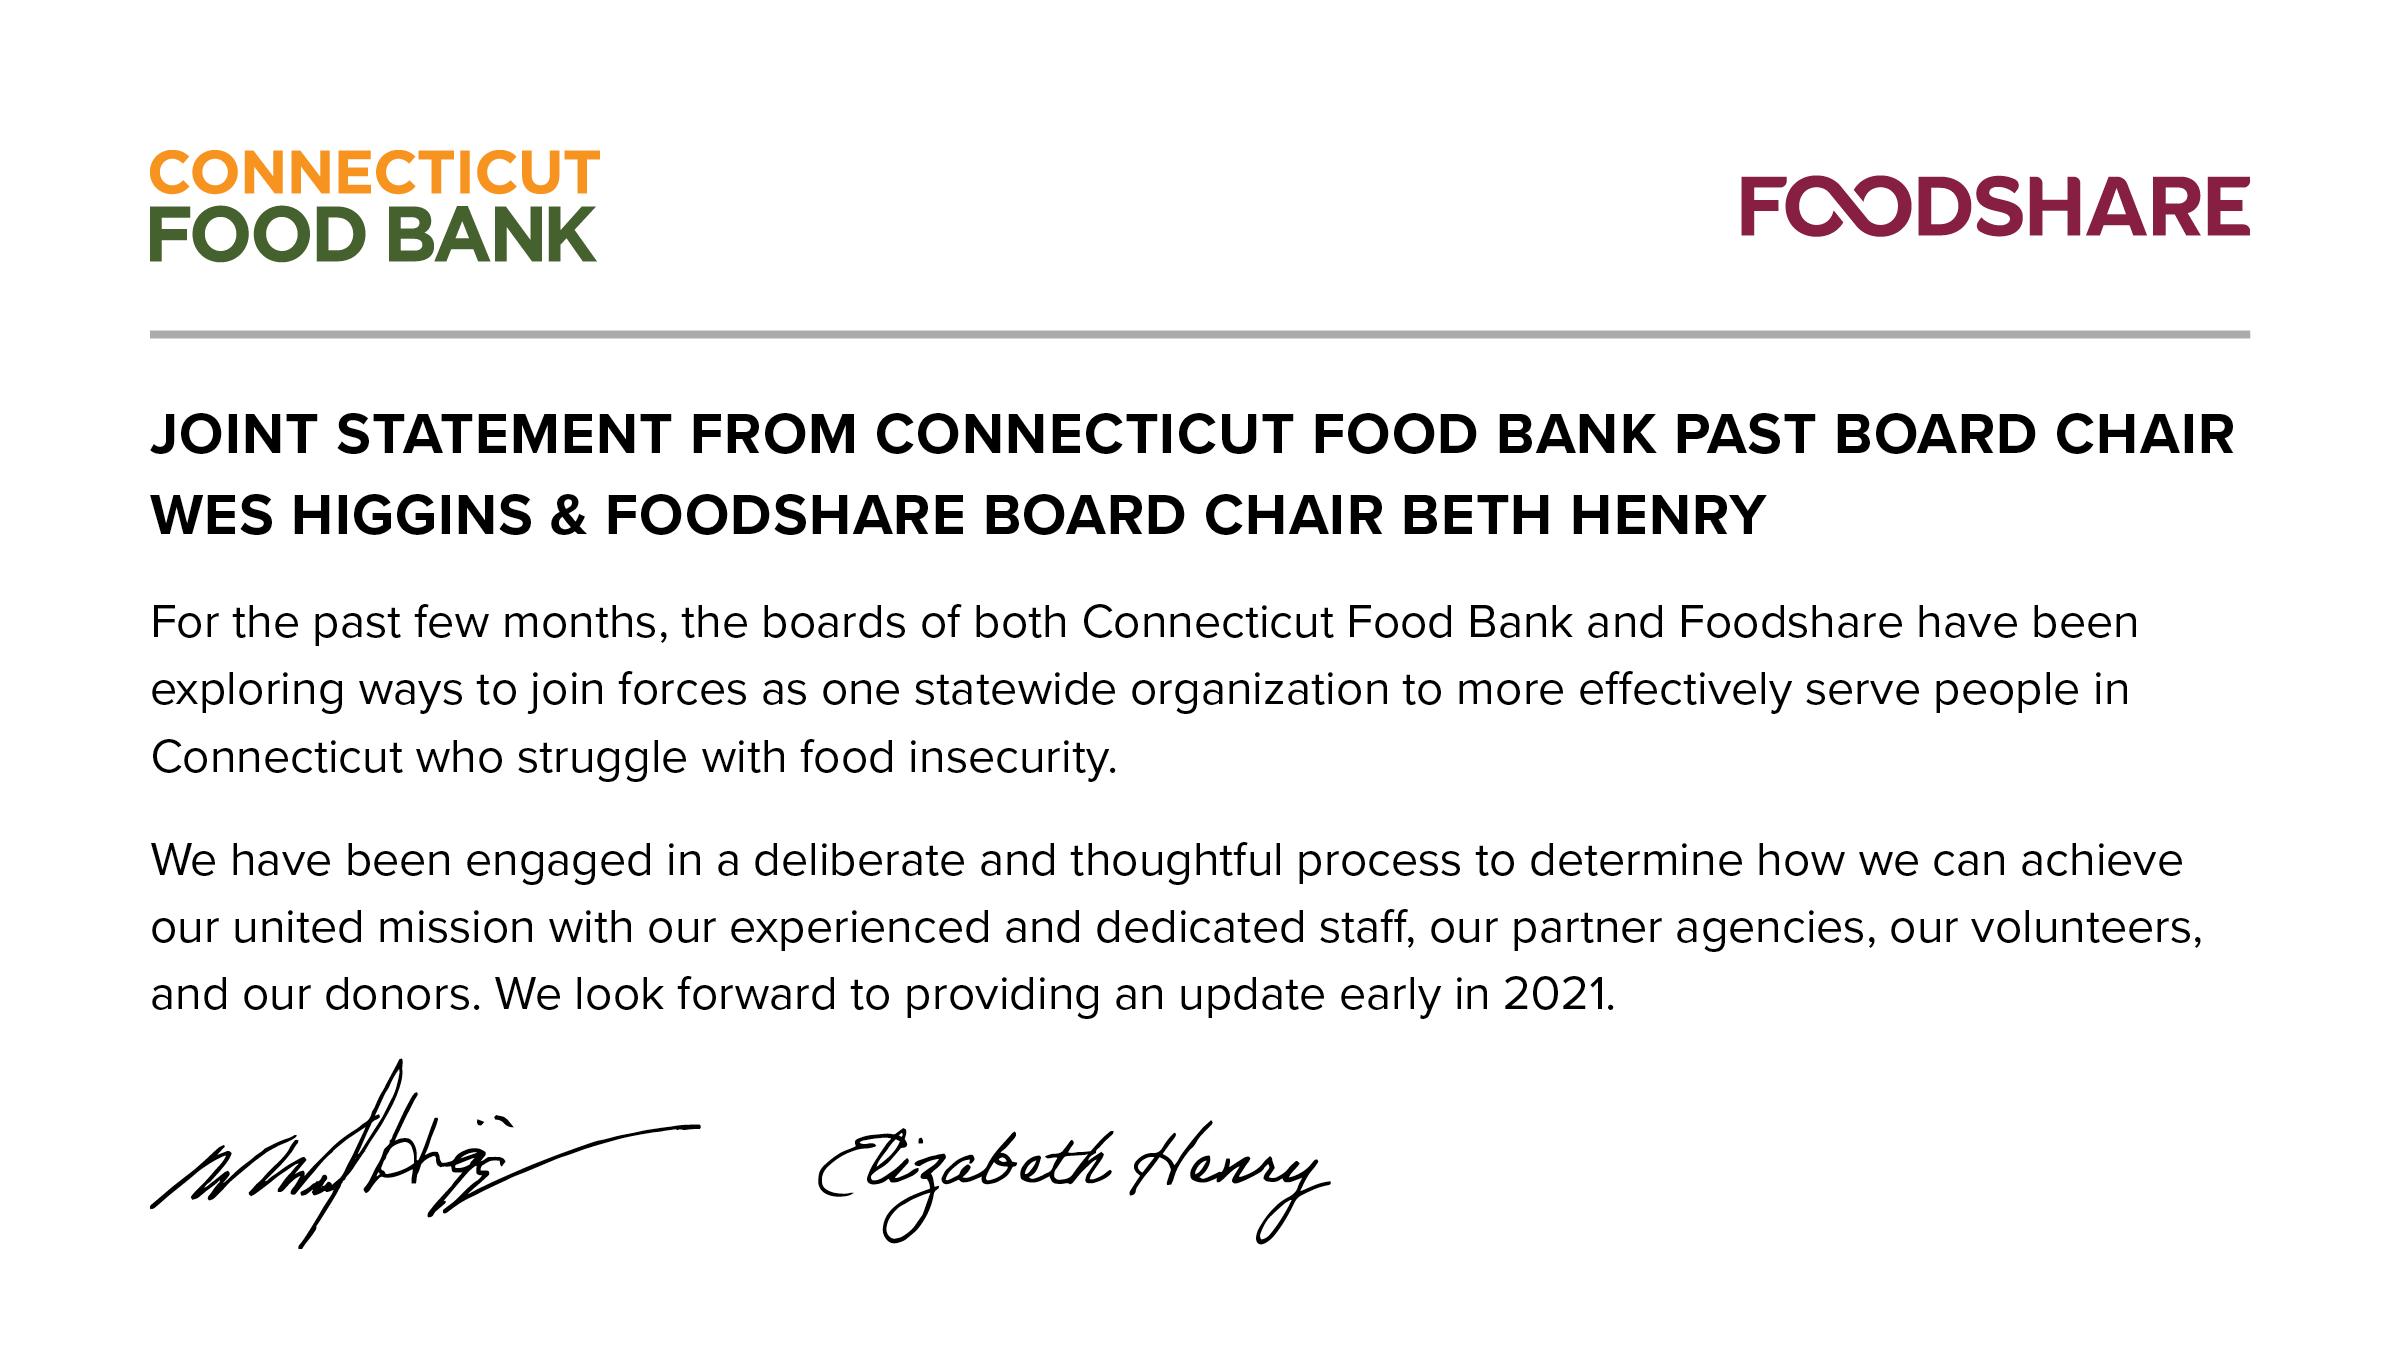 Connecticut Food Bank Announcement